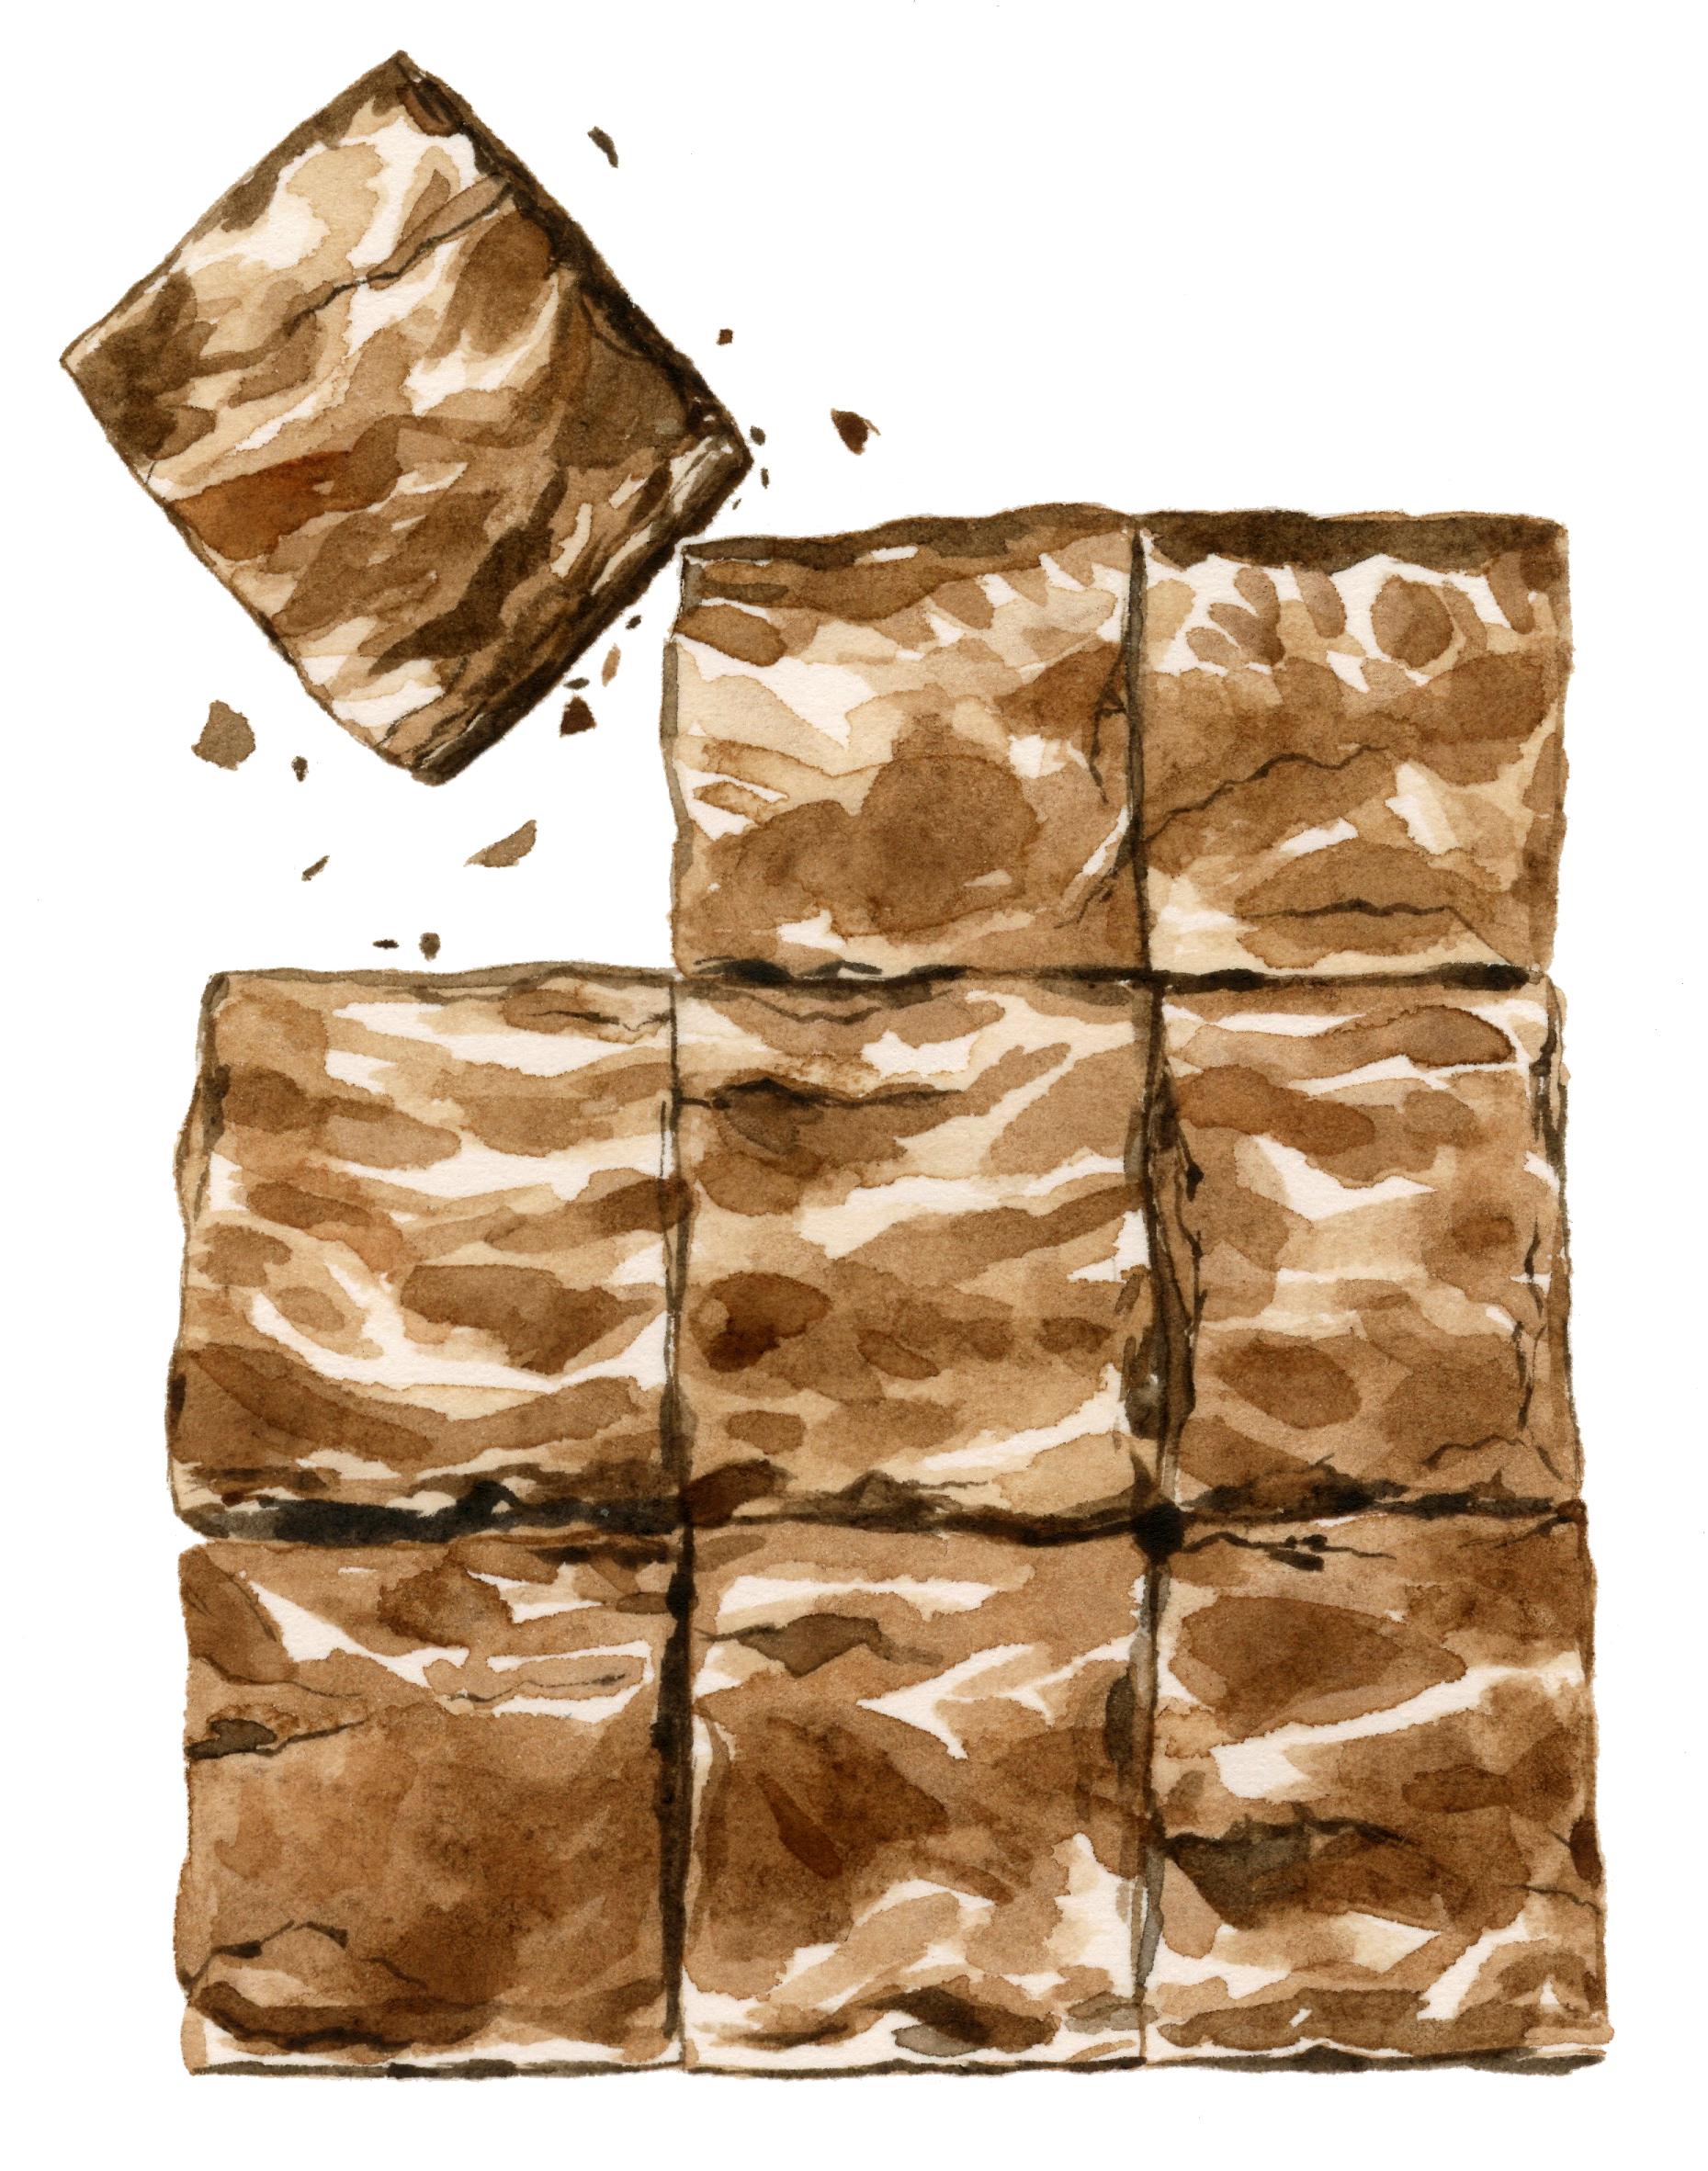 brownies-lrg.jpg